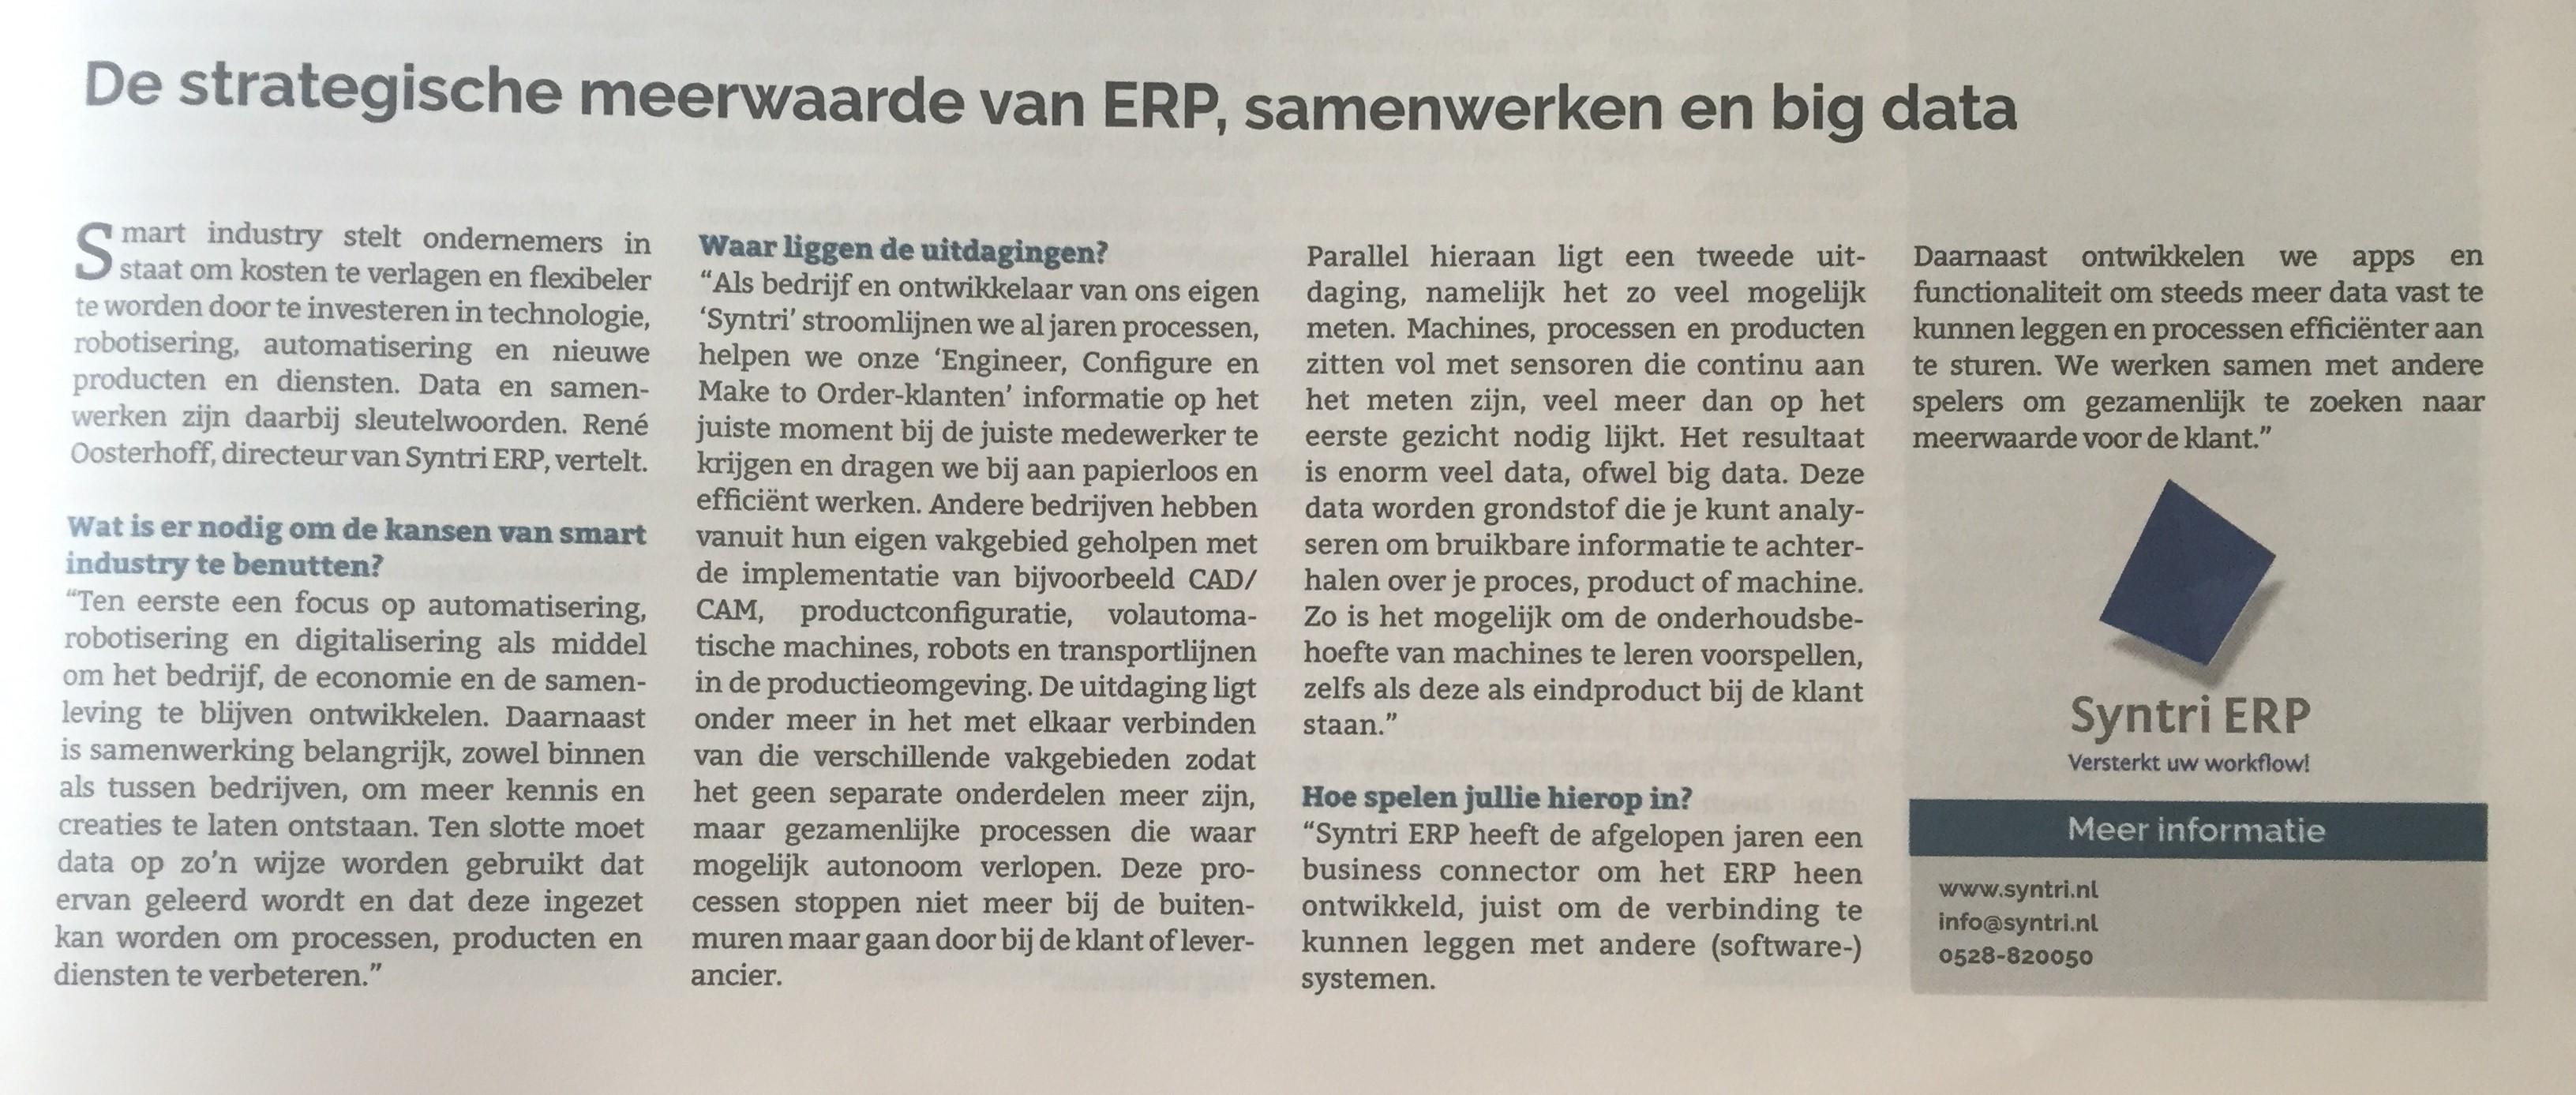 De strategische meerwaarde van ERP